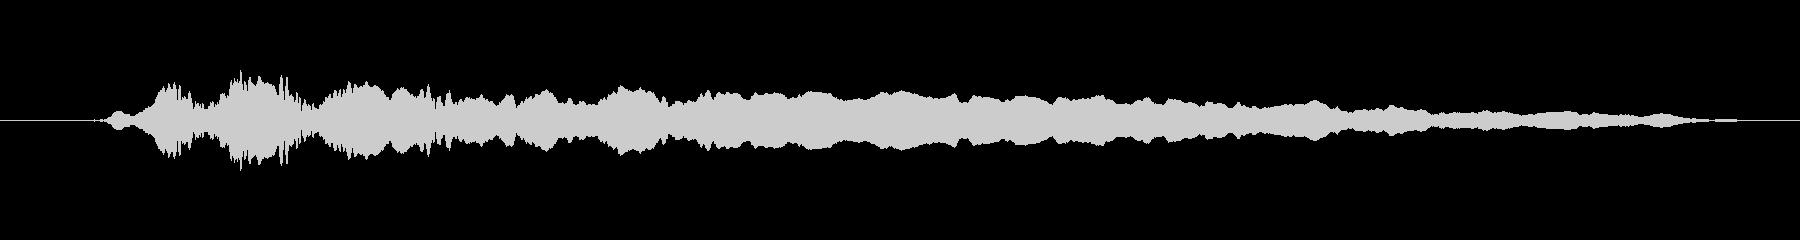 FX ホイッスルスライドトレモロ09の未再生の波形